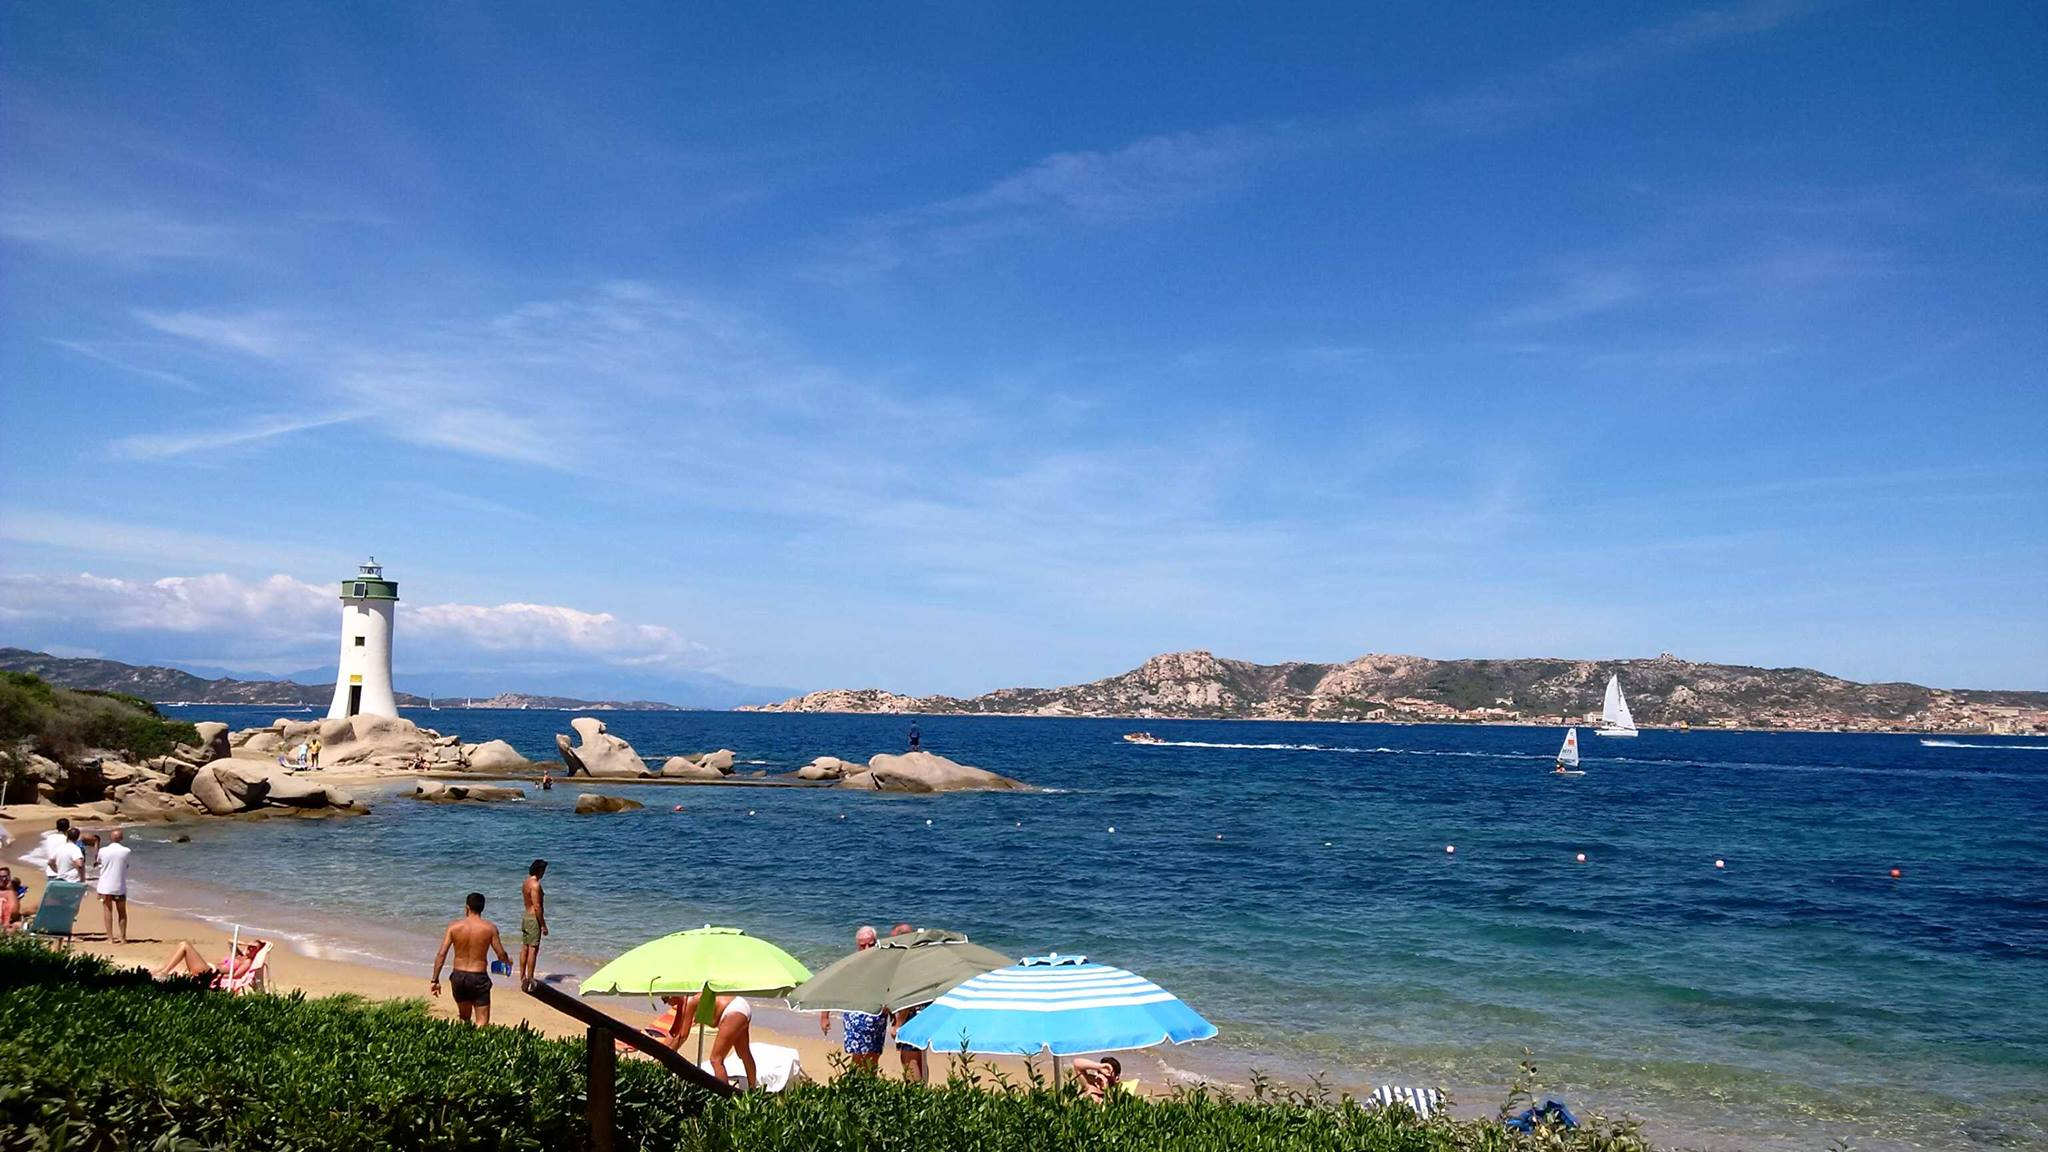 La costa esmeralda en Cerdeña